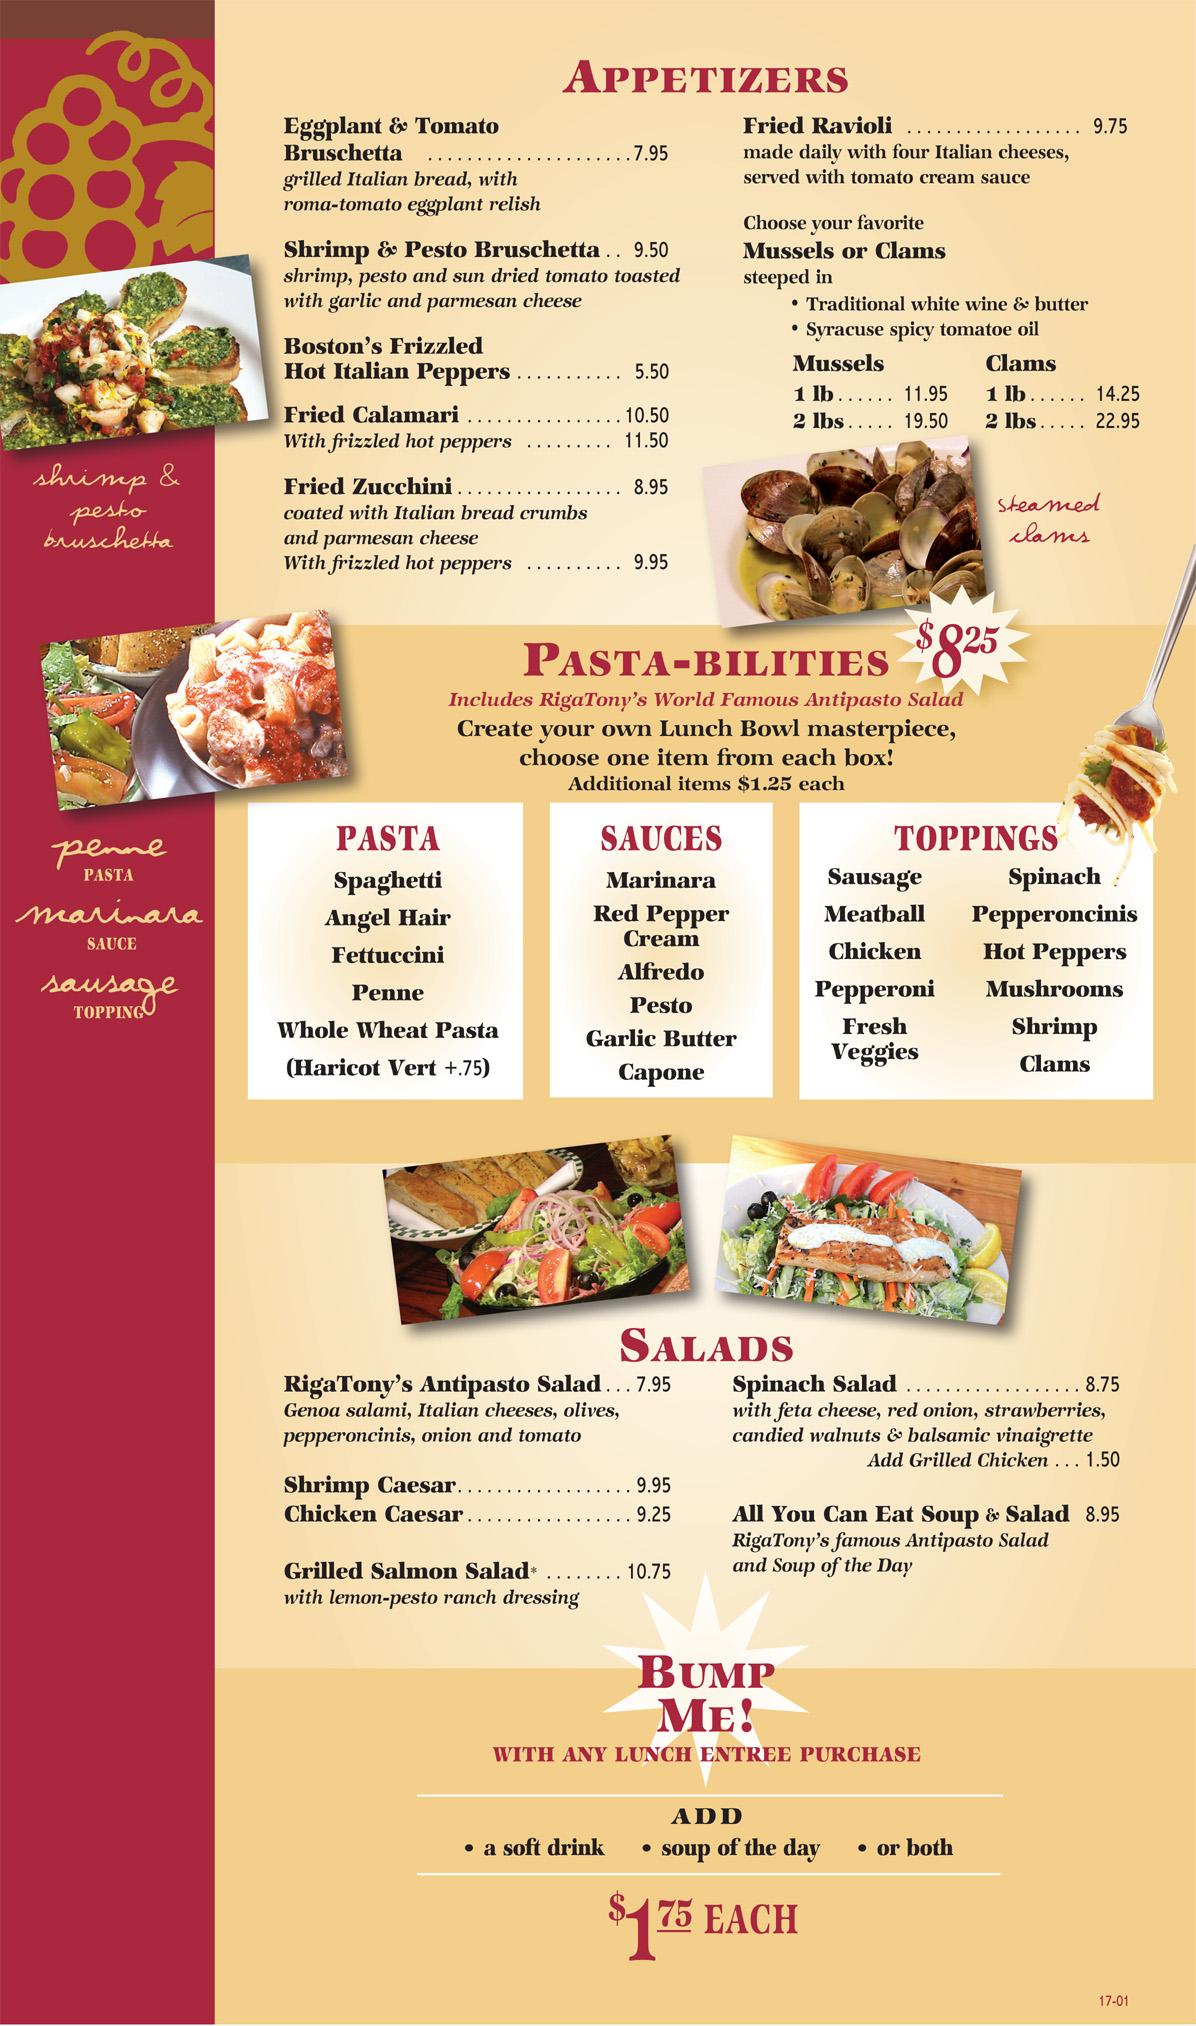 Kami punya menu sahur dan menu buka puasa yang simple dan lezat yang bisa anda coba di rumah